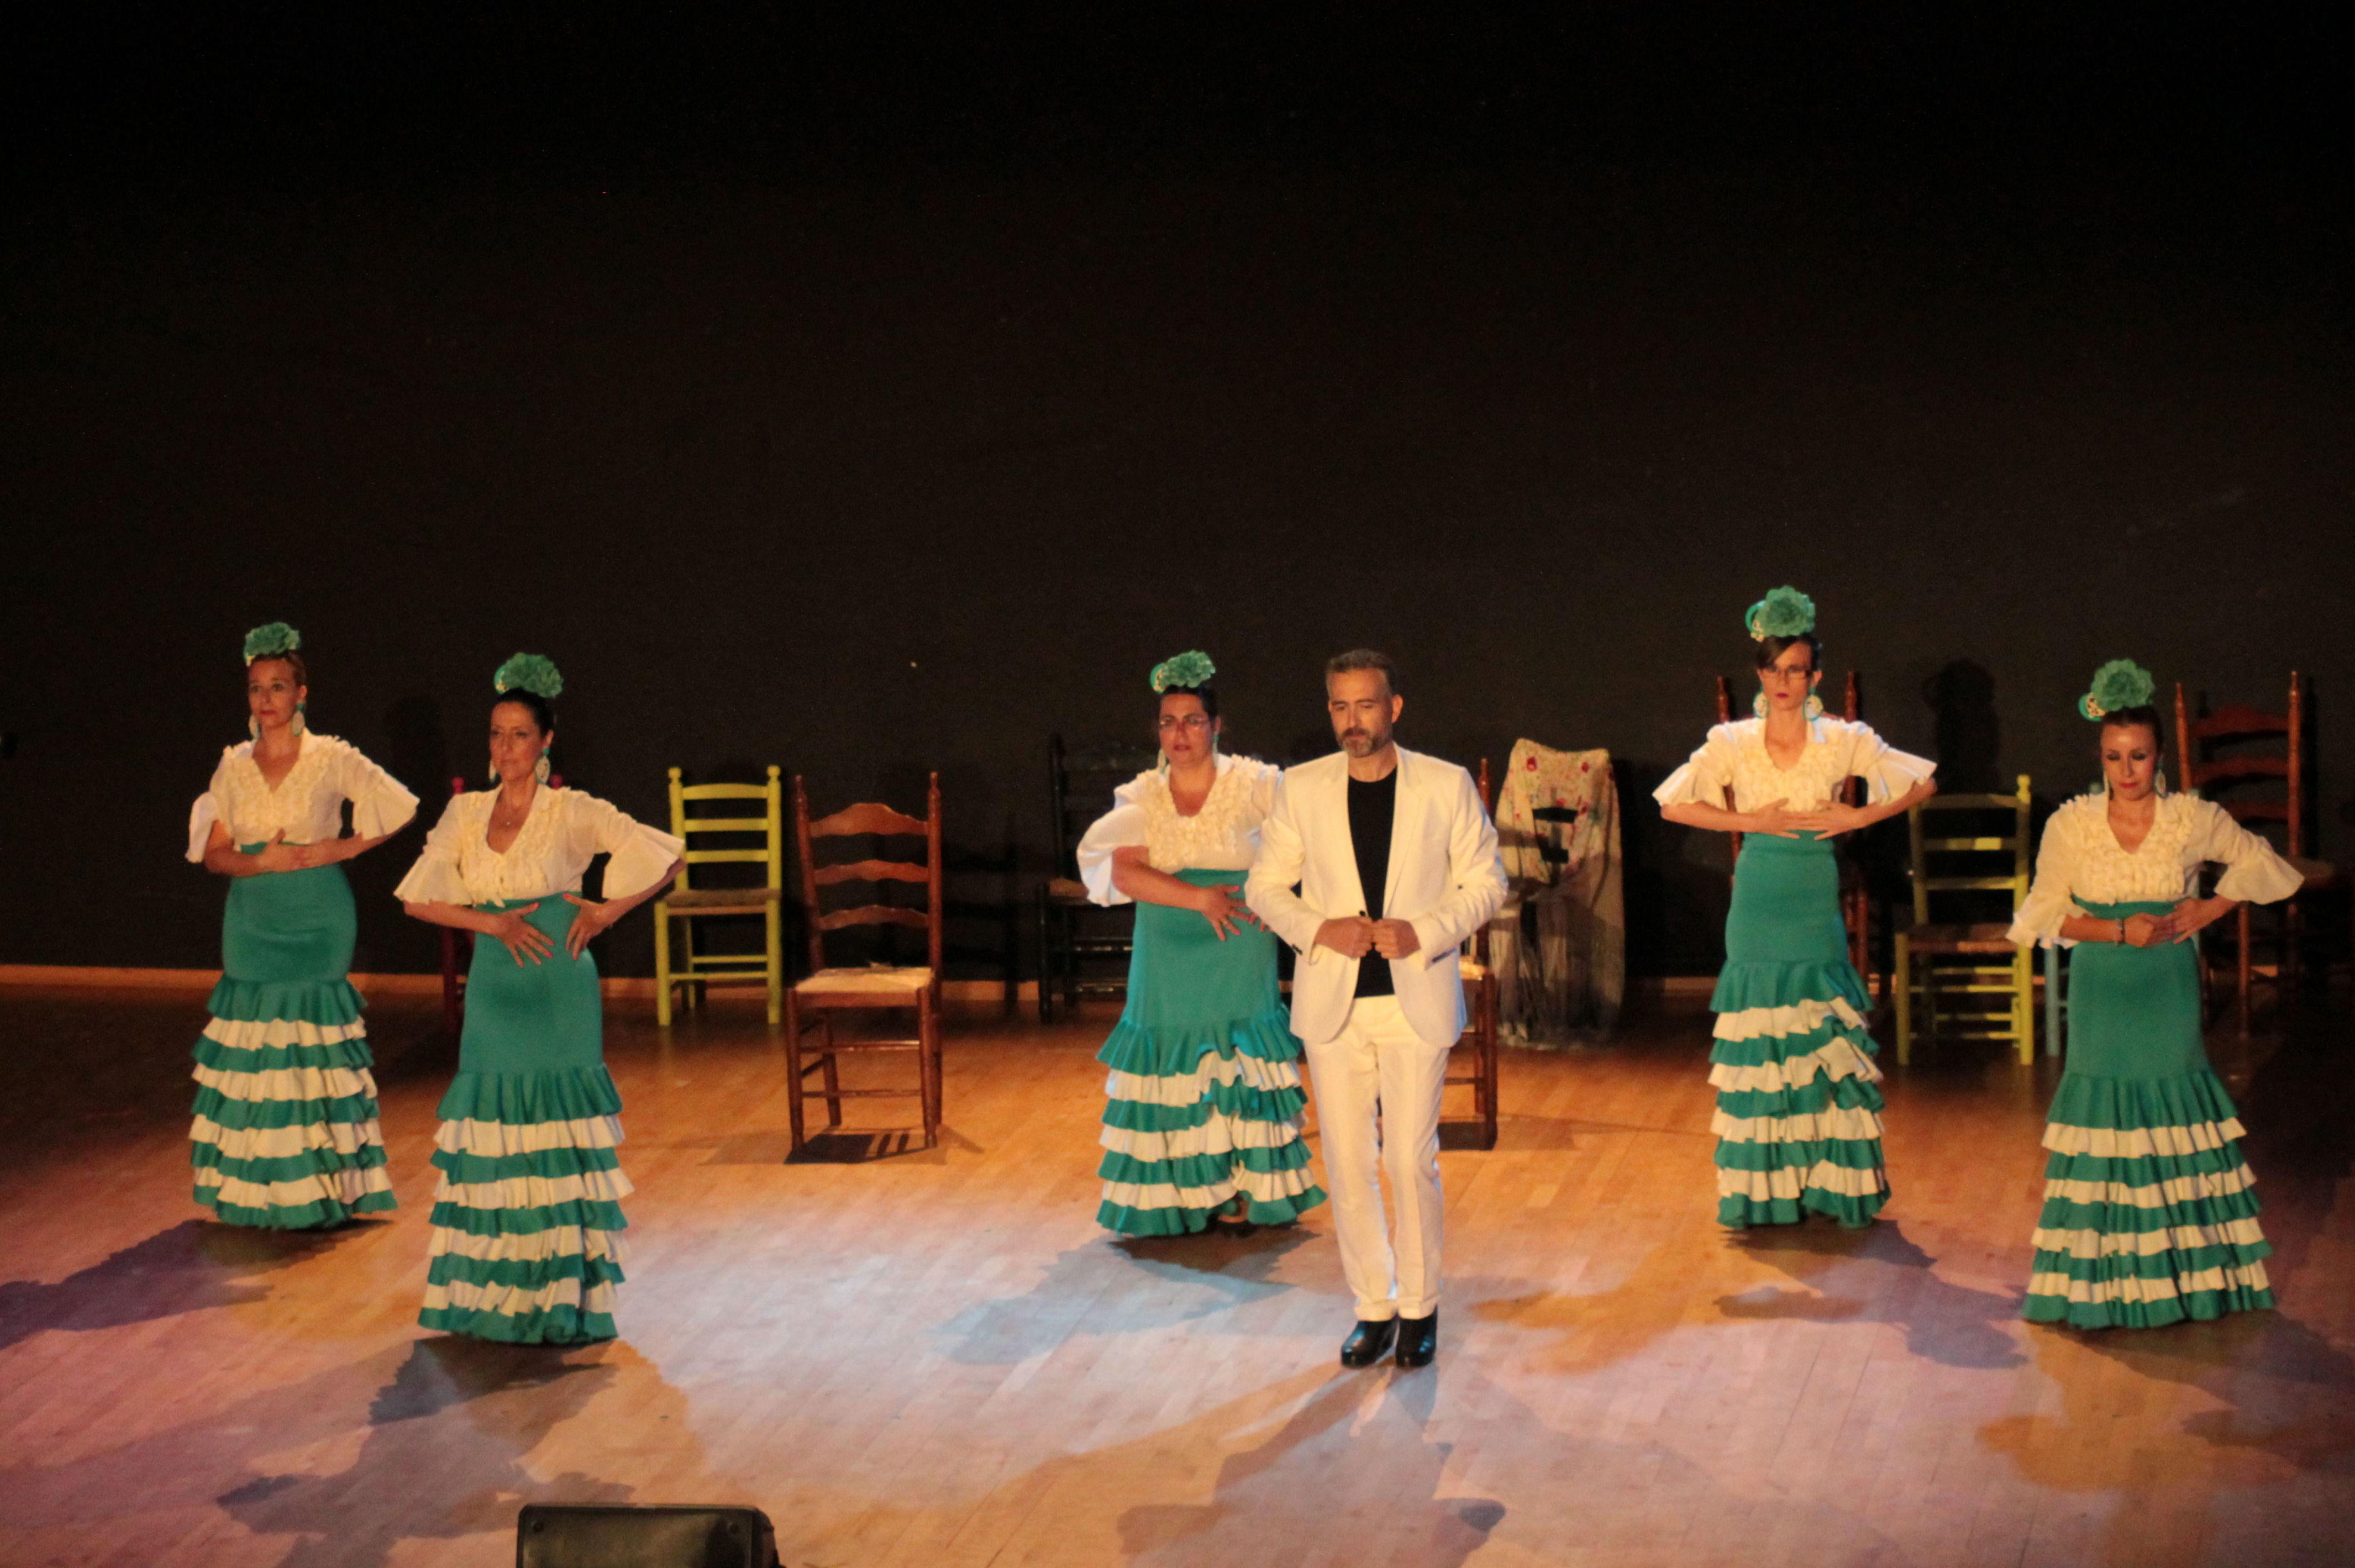 Foto 39 de Escuelas de música, danza e interpretación en Alcalá de Henares | Escuela de Danza Pepe Vento